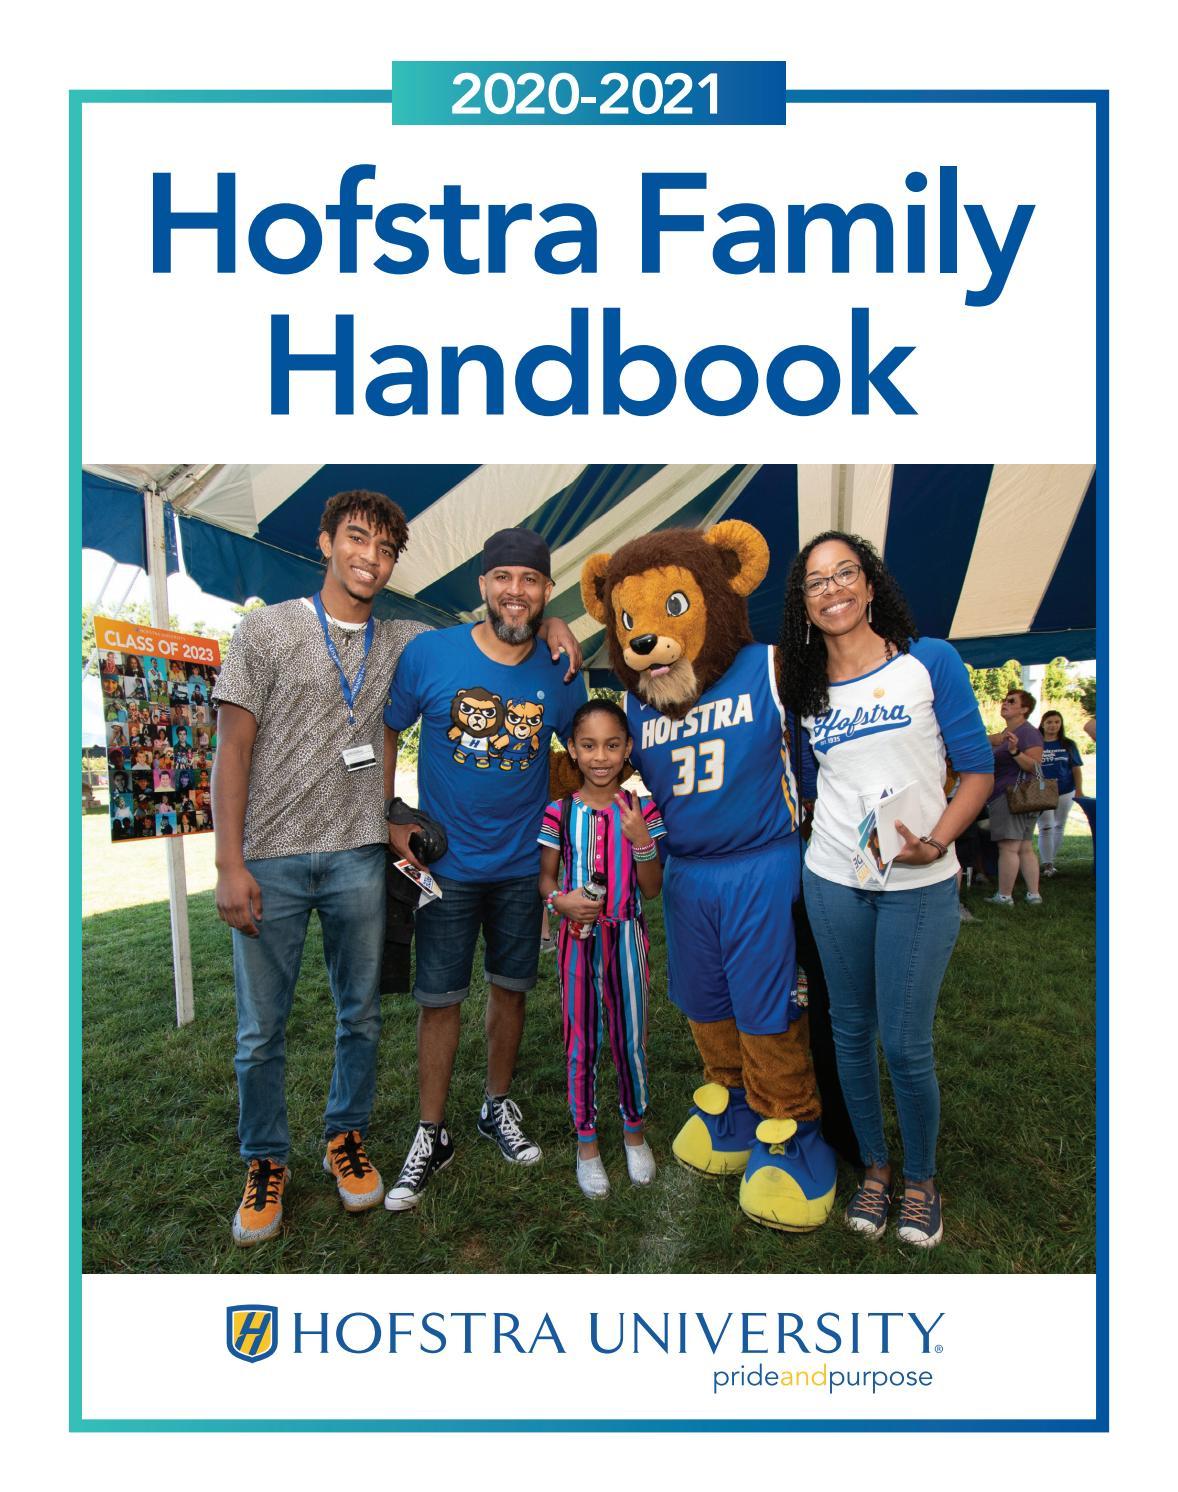 Hofstra Calendar Spring 2021 2020 2021 Hofstra Family Handbook by Hofstra University   issuu